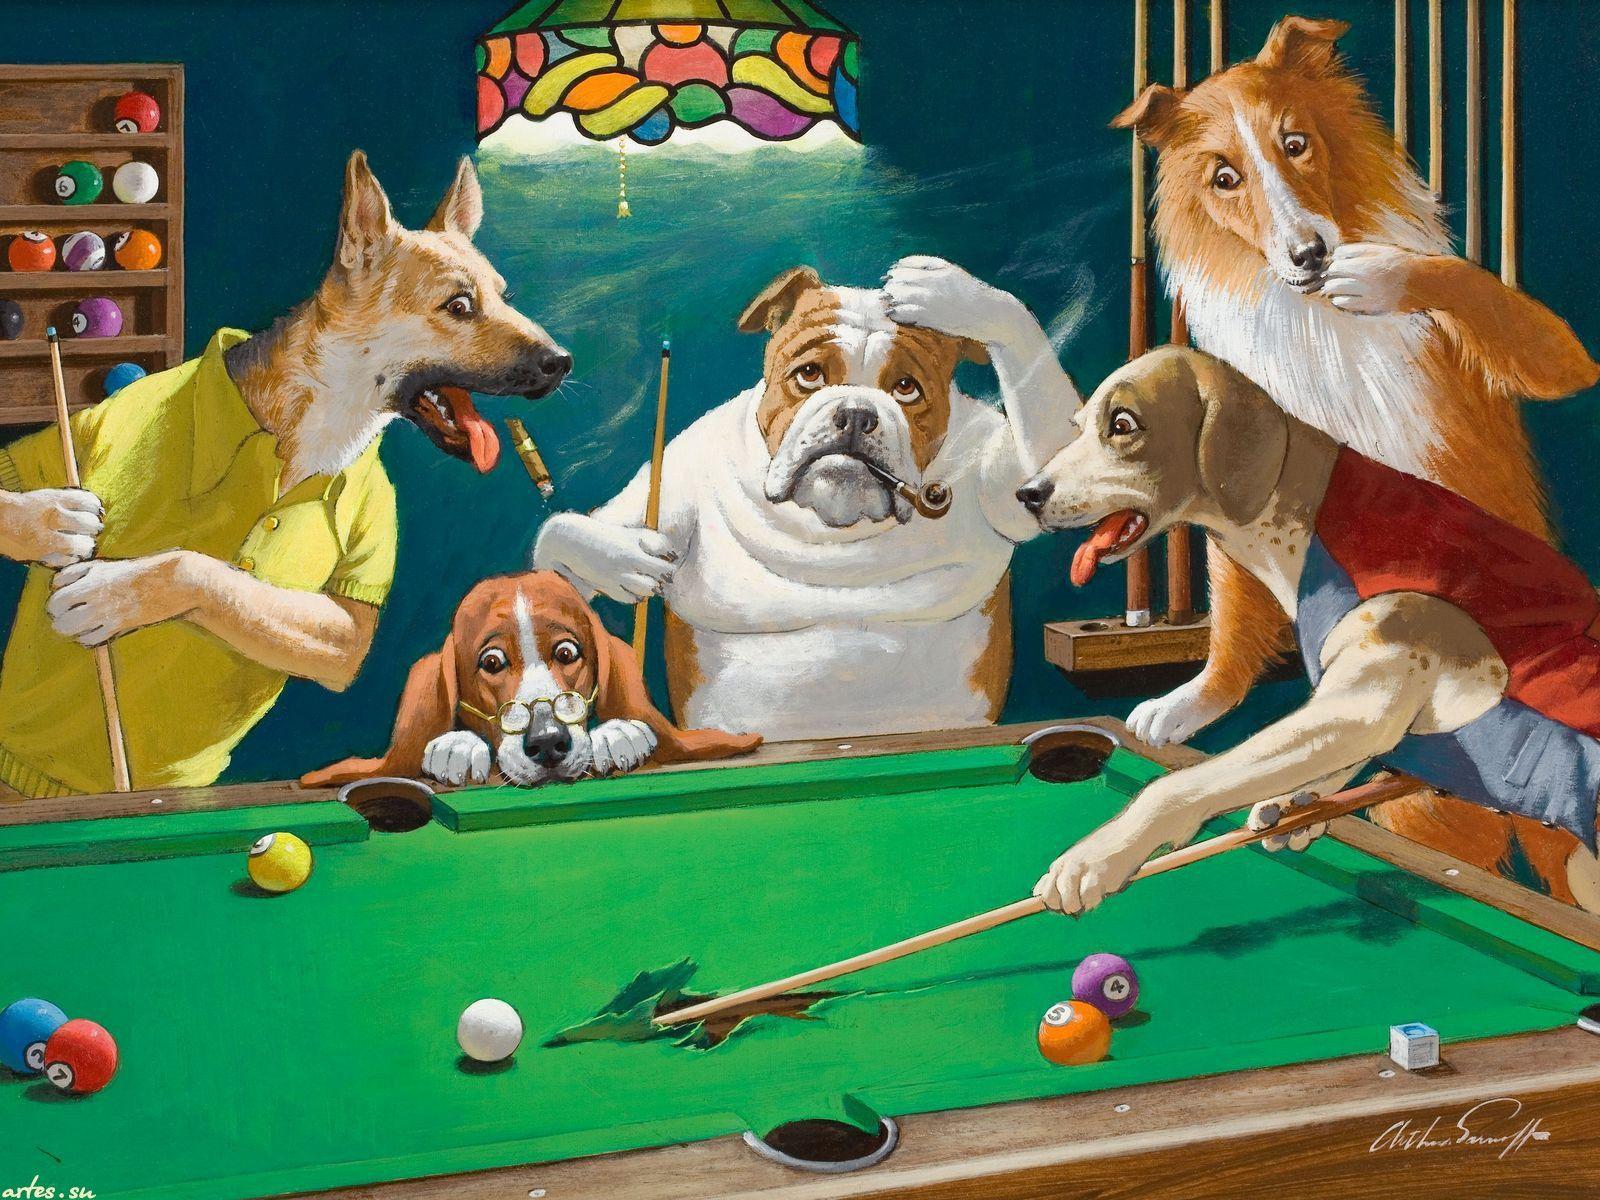 7934 5 Jpg 1600 1200 Cartel De Perro Perros Jugando Poker Pintura Perro